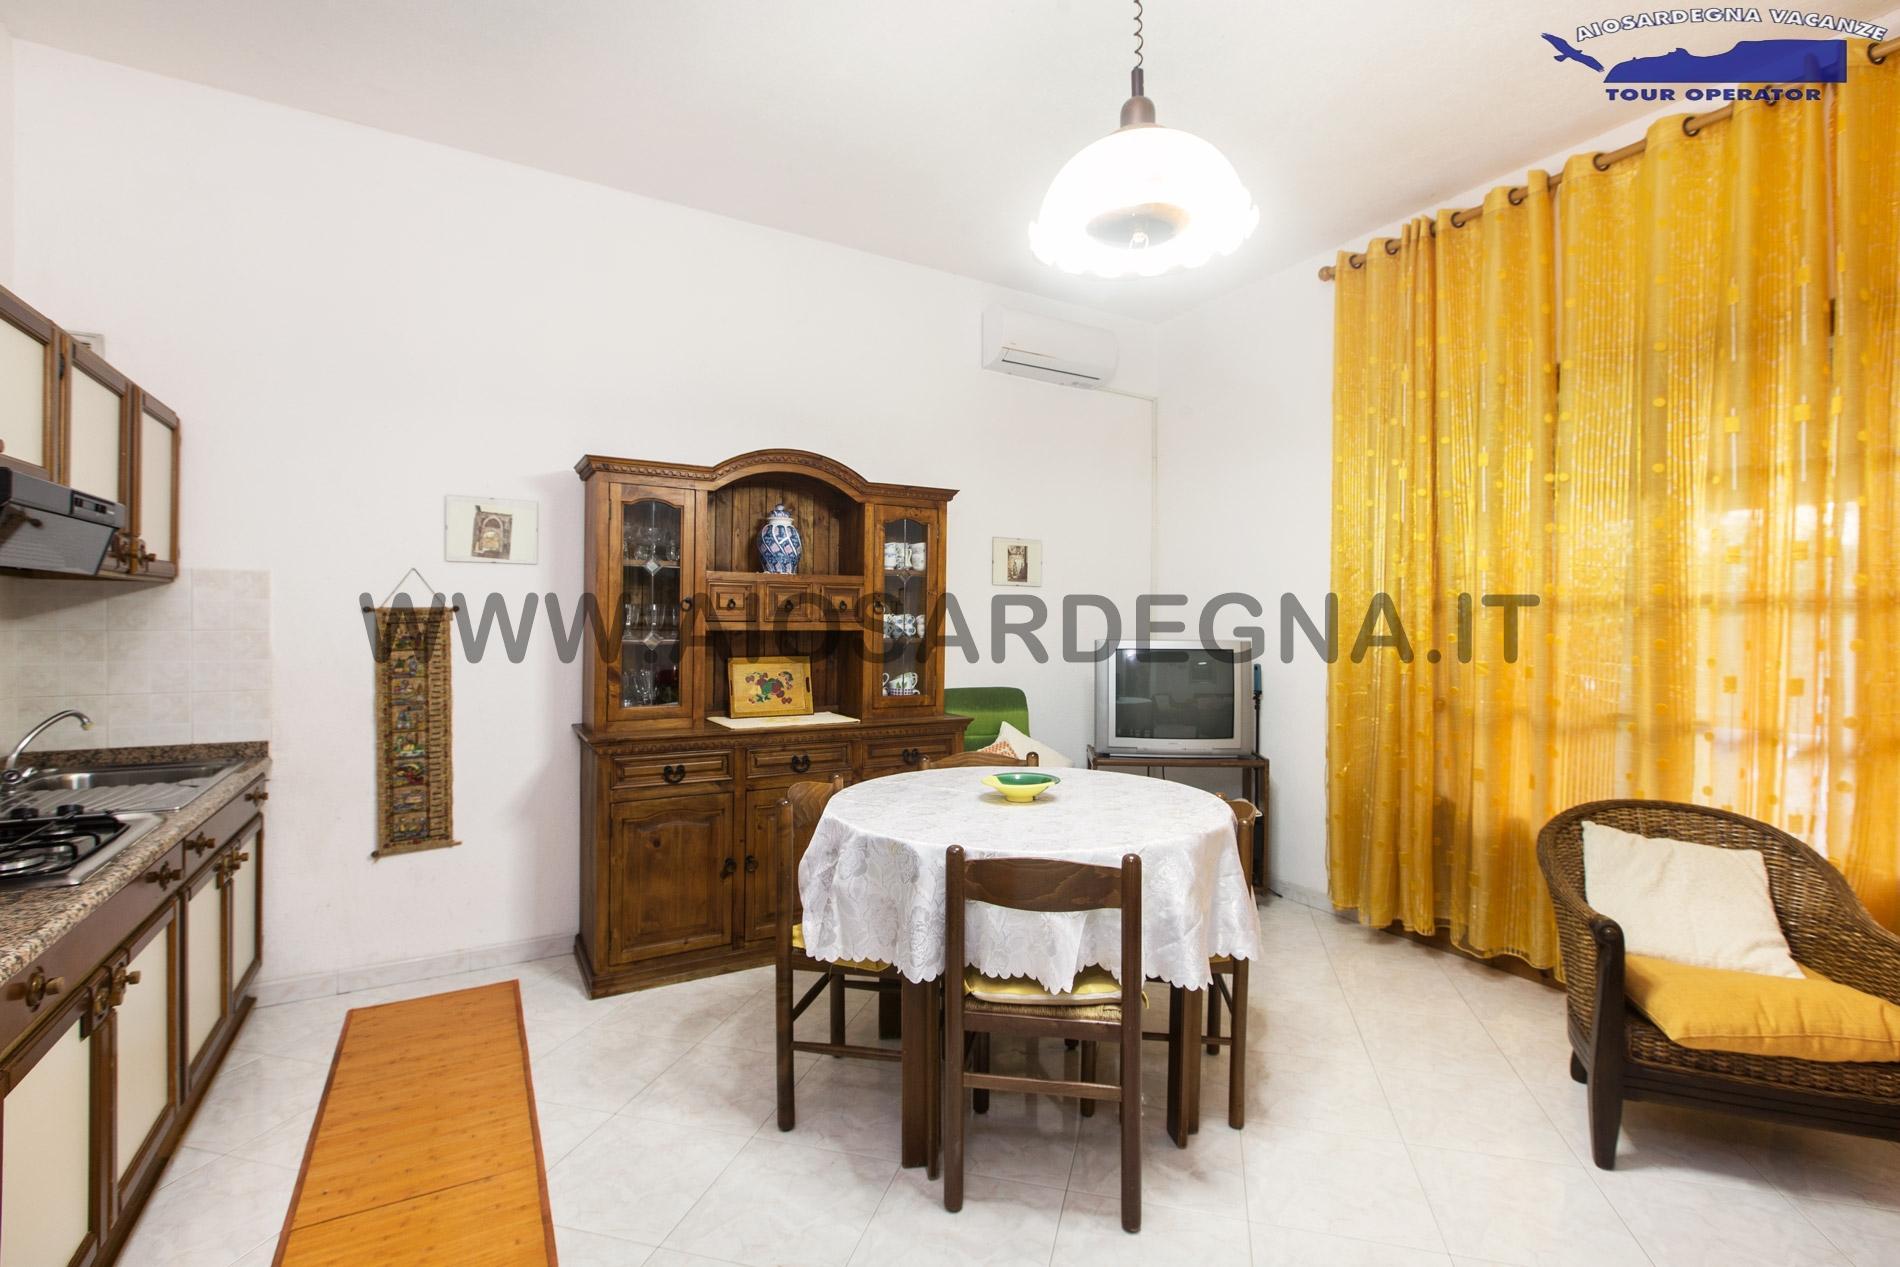 House 3 with veranda and garden Pula